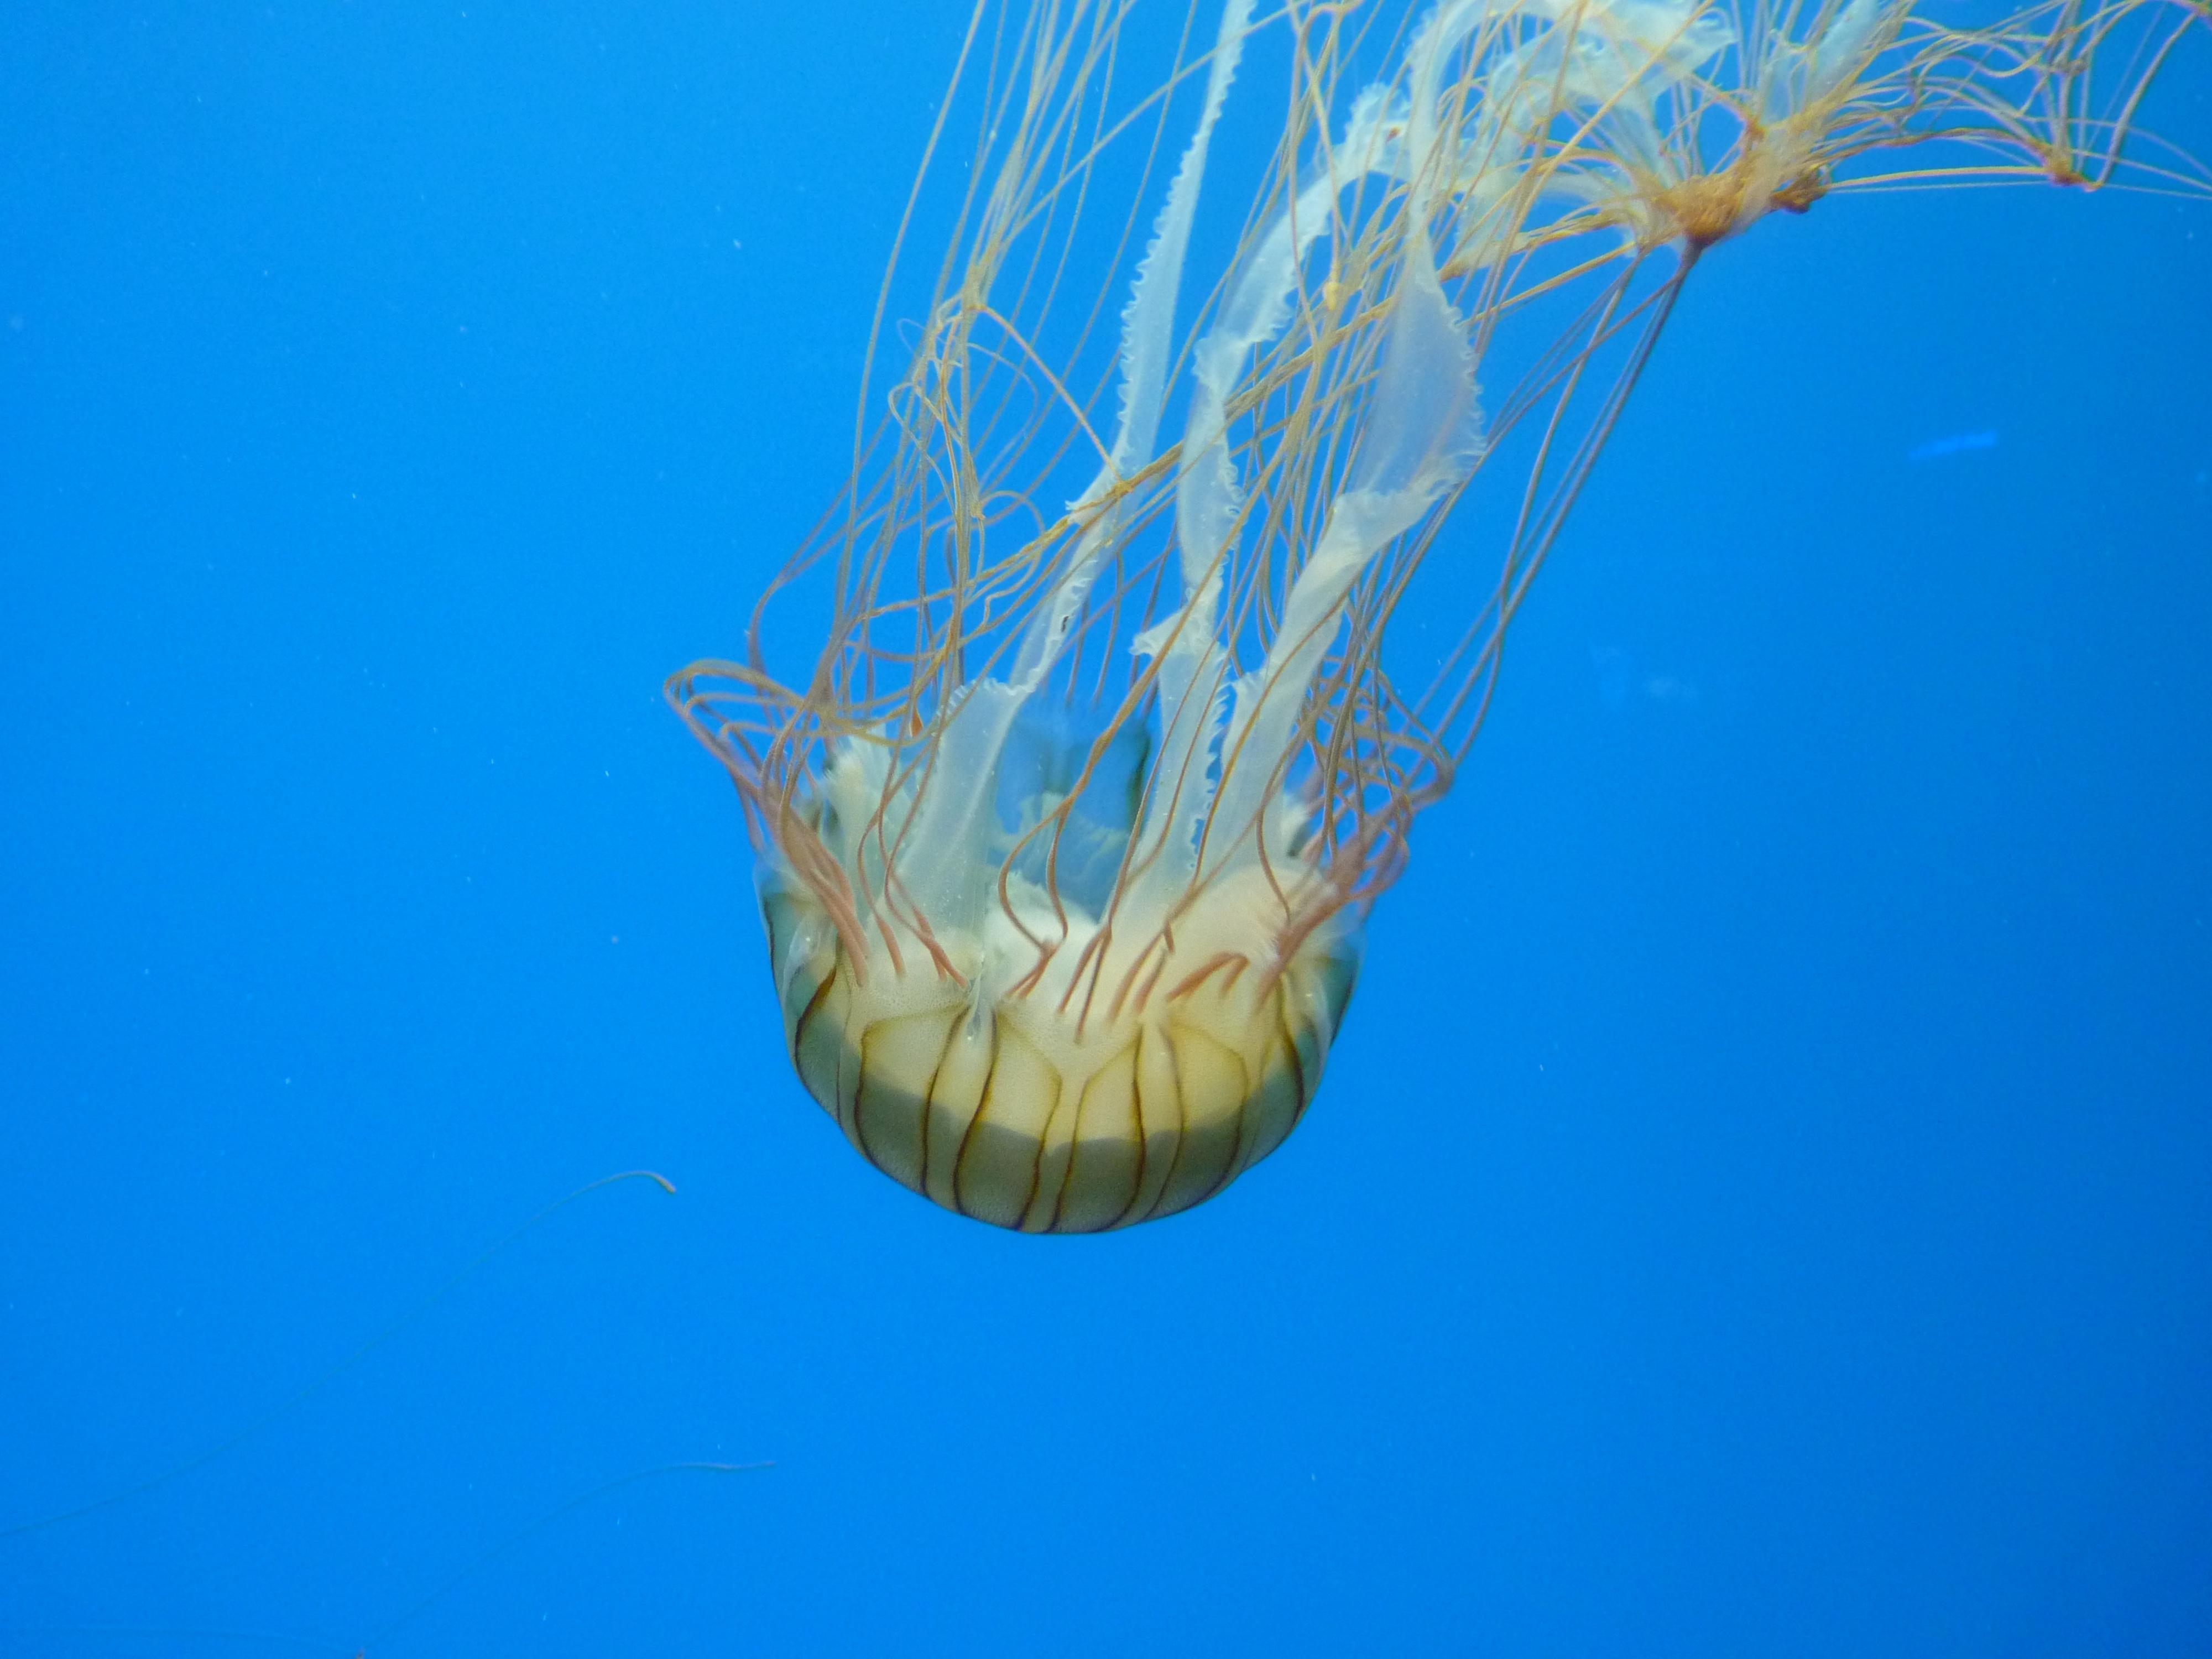 67+ Gambar Hewan Zooplankton Gratis Terbaru